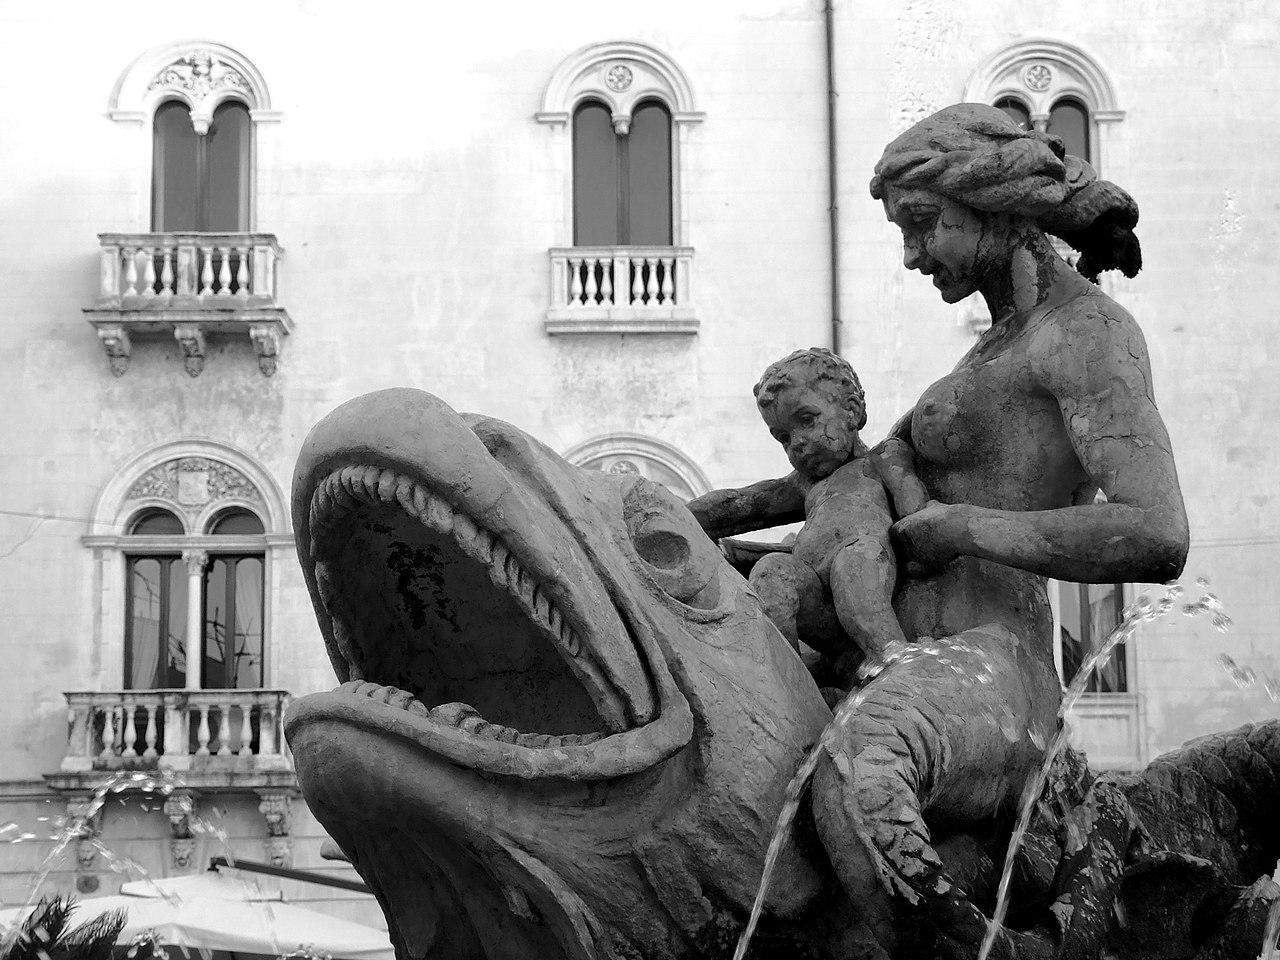 Dettaglio della fontana di Diana a Ortigia